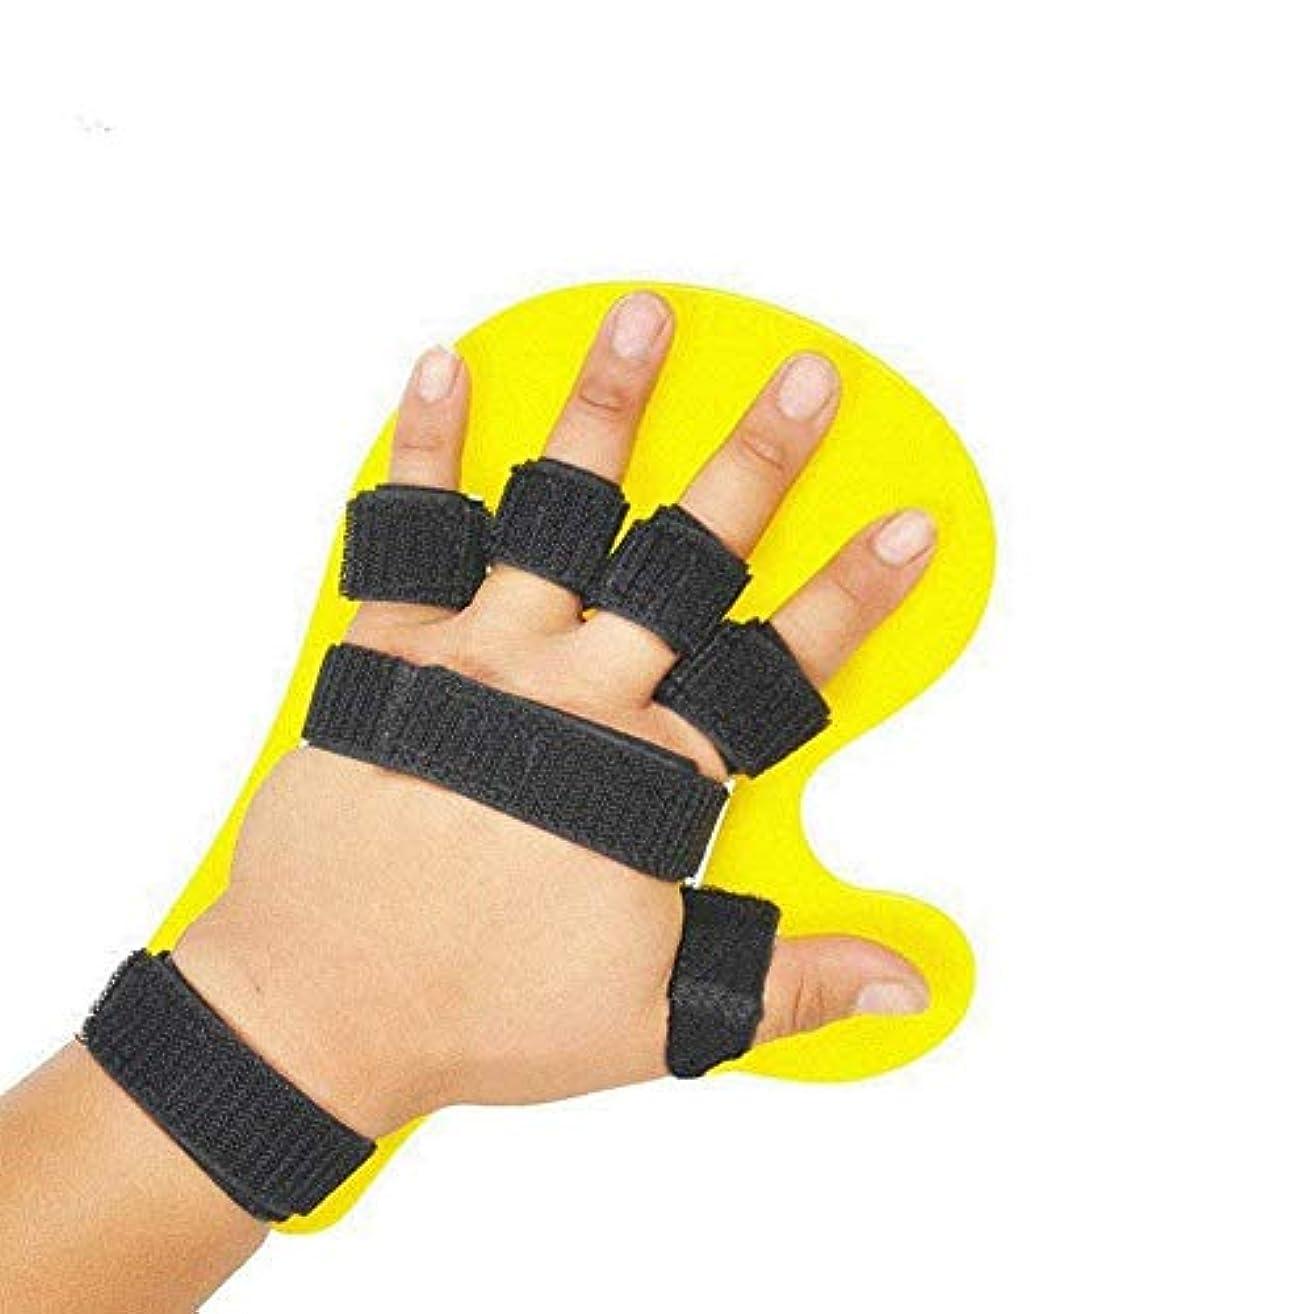 一流急行する踊り子片麻痺の患者を支援するためのトリガー指スプリント、指板ハンドトレーニングABS調整可能な指リハビリ,2PCS